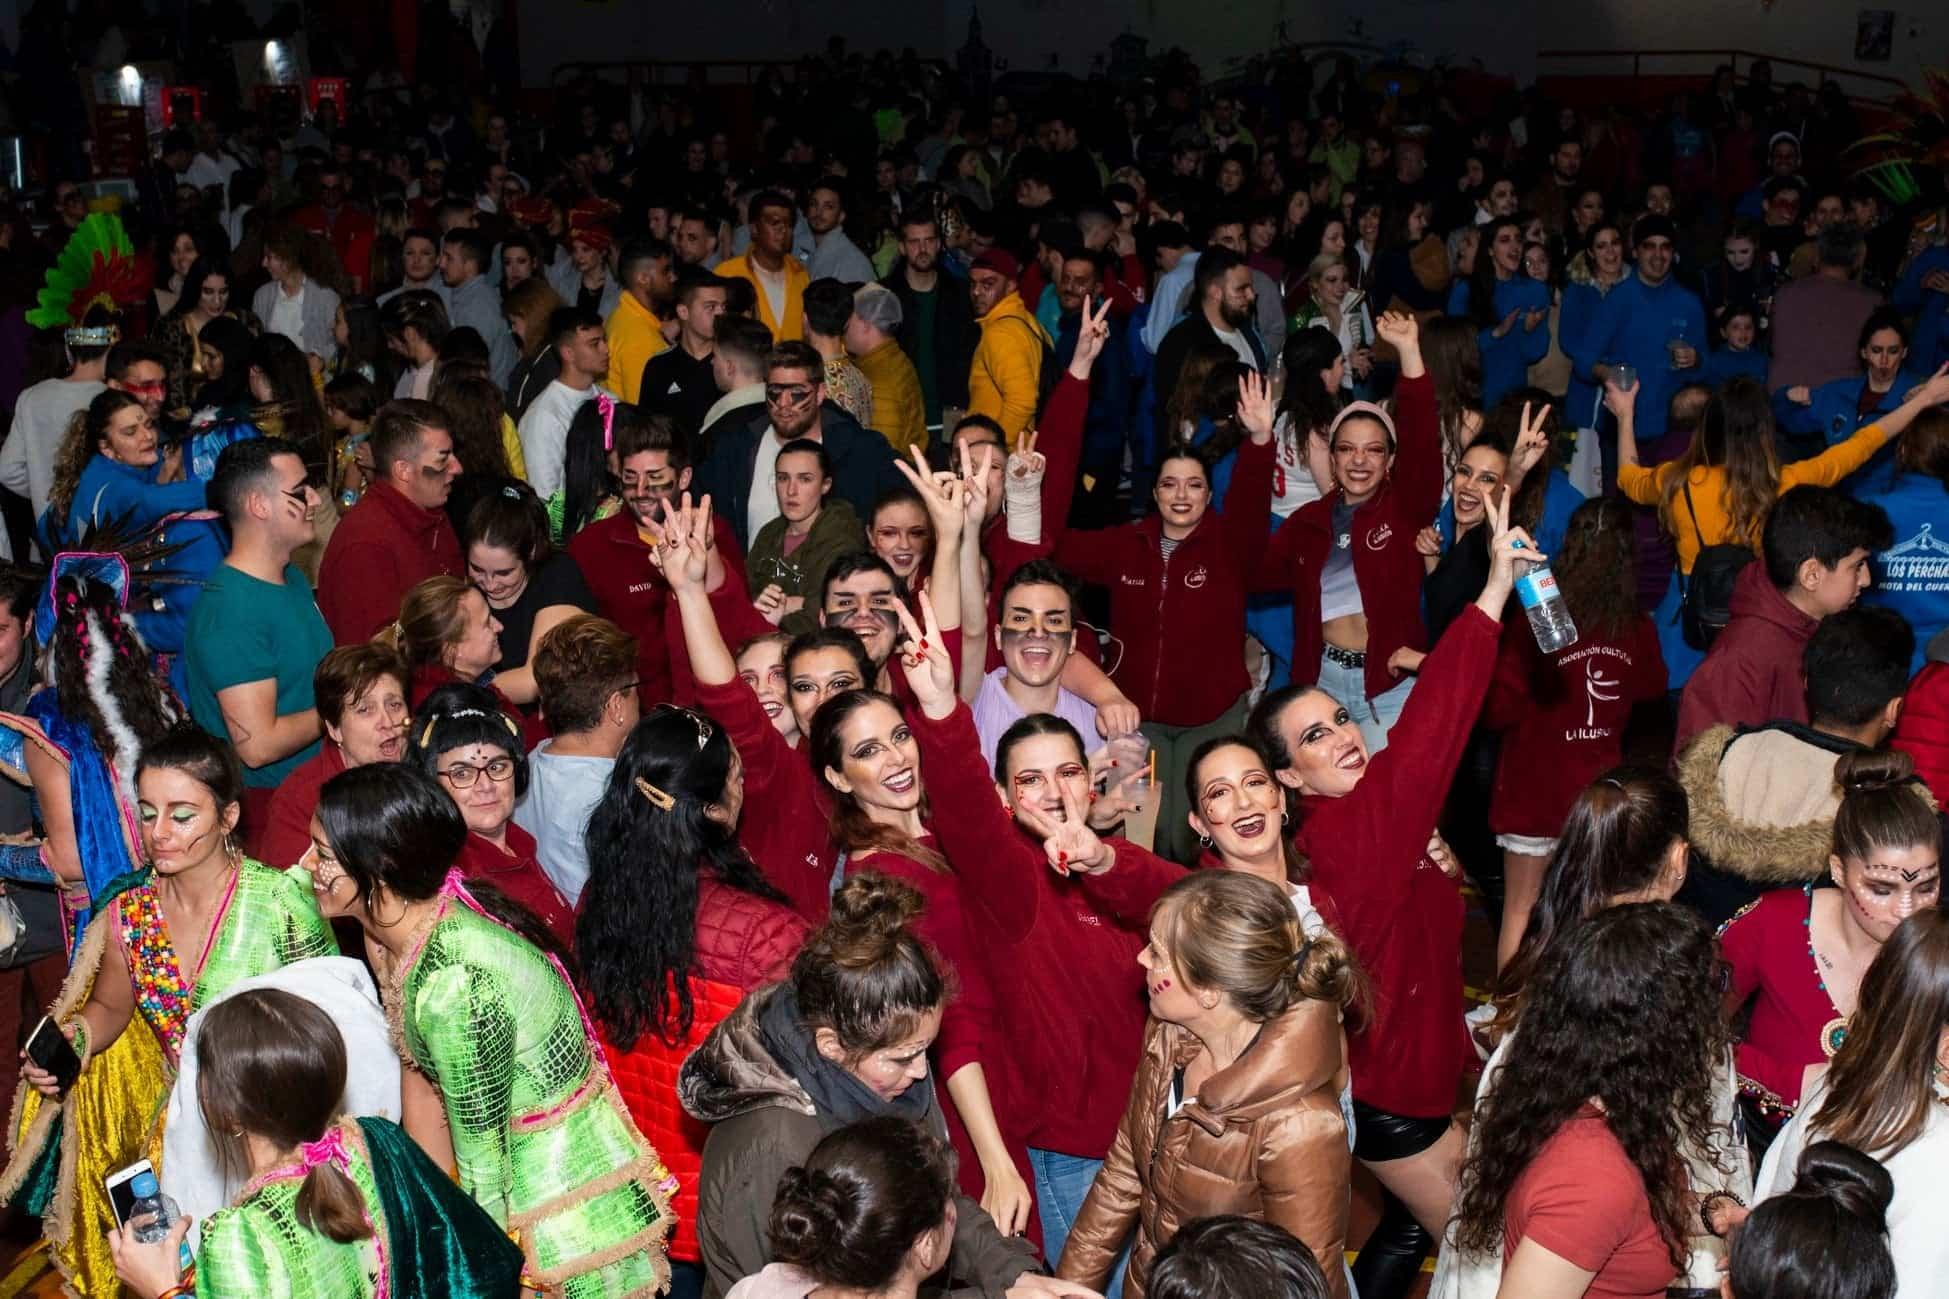 Selección de fotografías del Ofertorio del Carnaval de Herencia 530